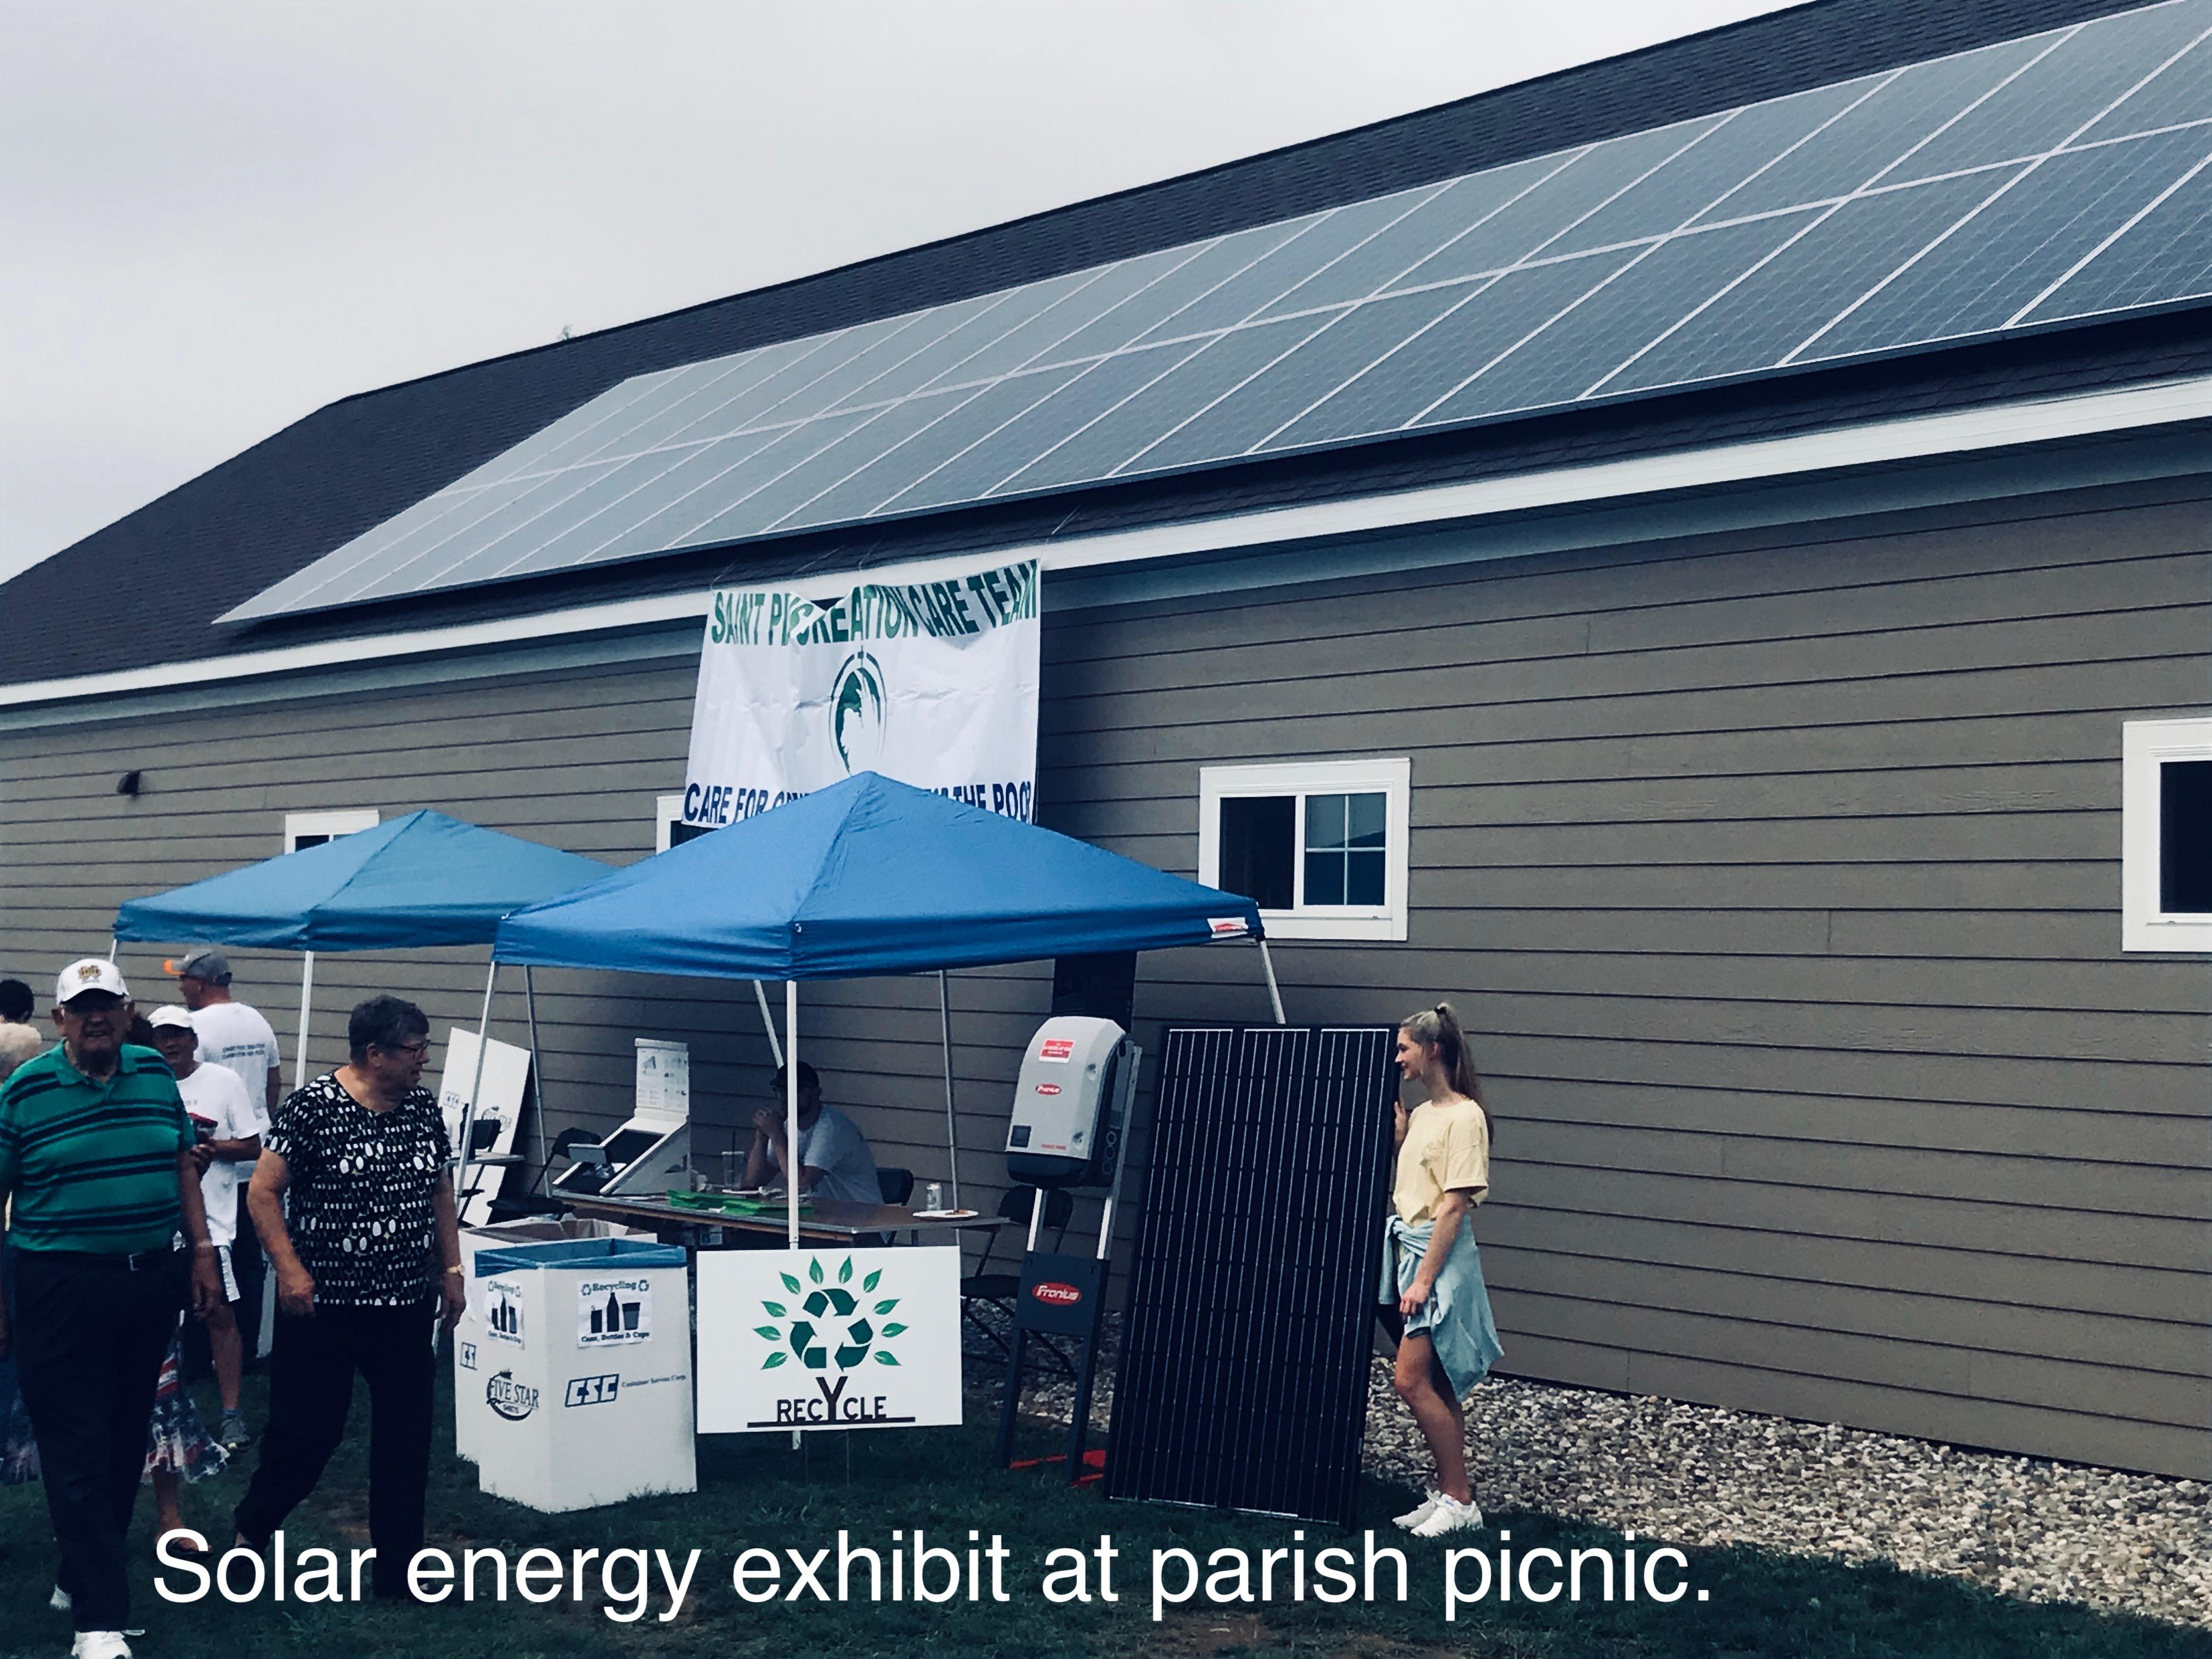 parish picnic exhibit-TEXT_0904.jpg